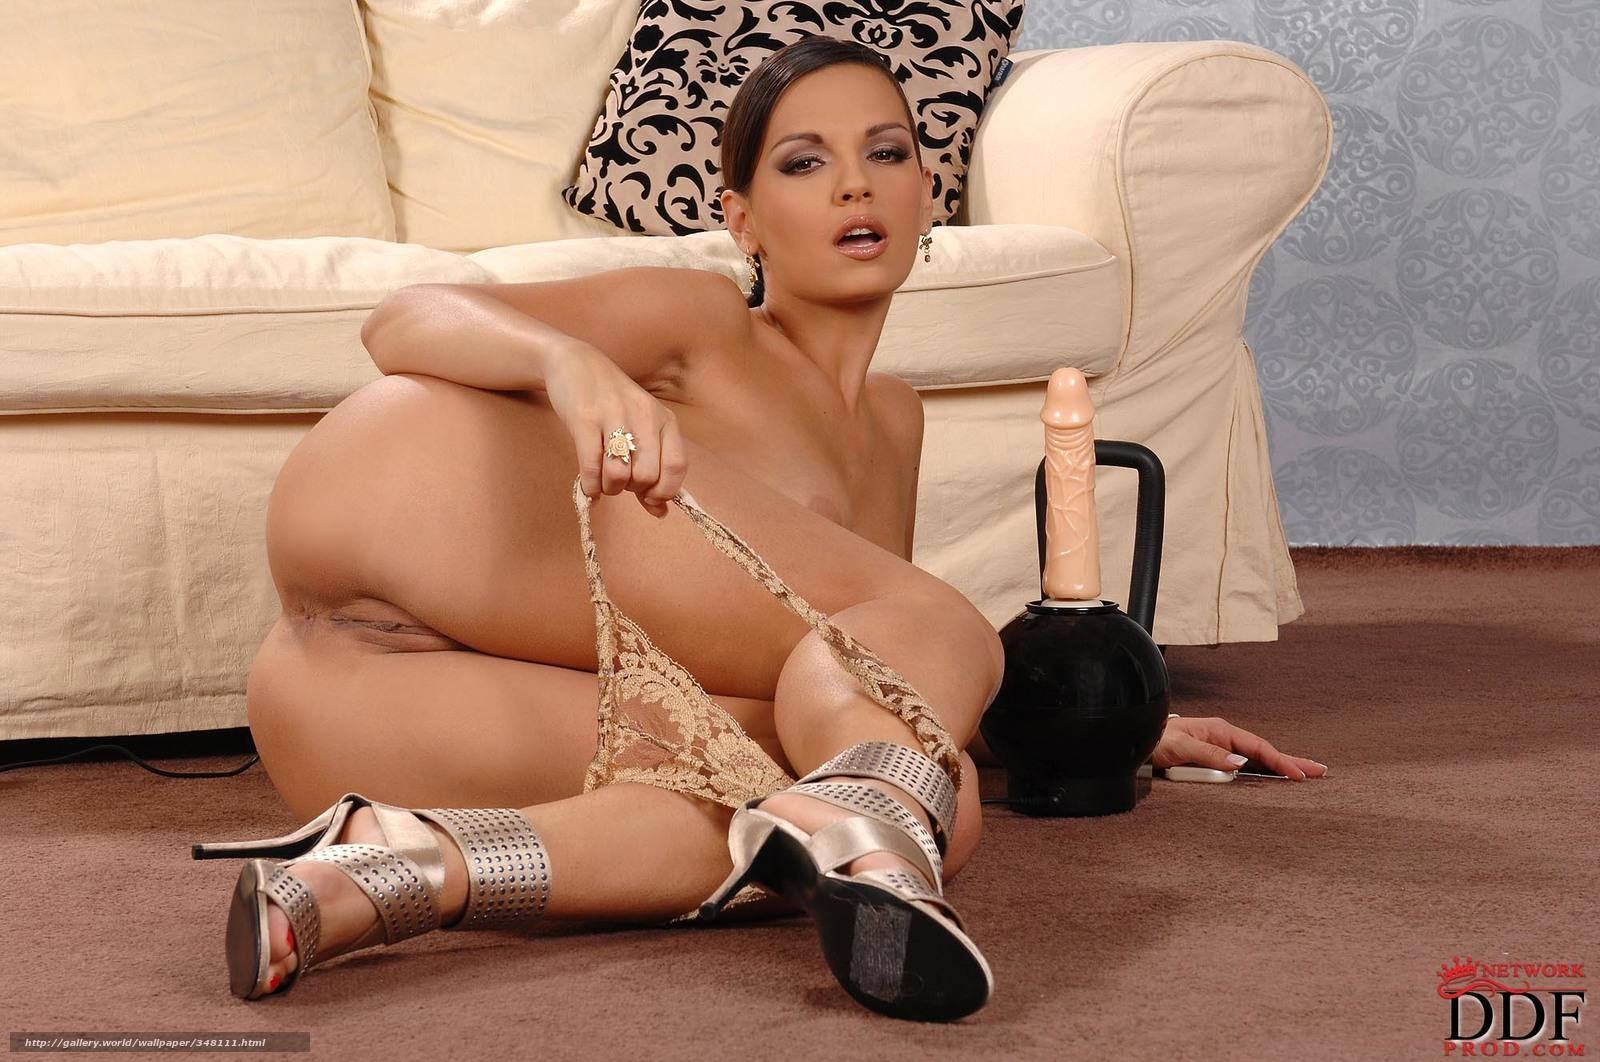 Голые русские девушки фото  обнаженные россиянки